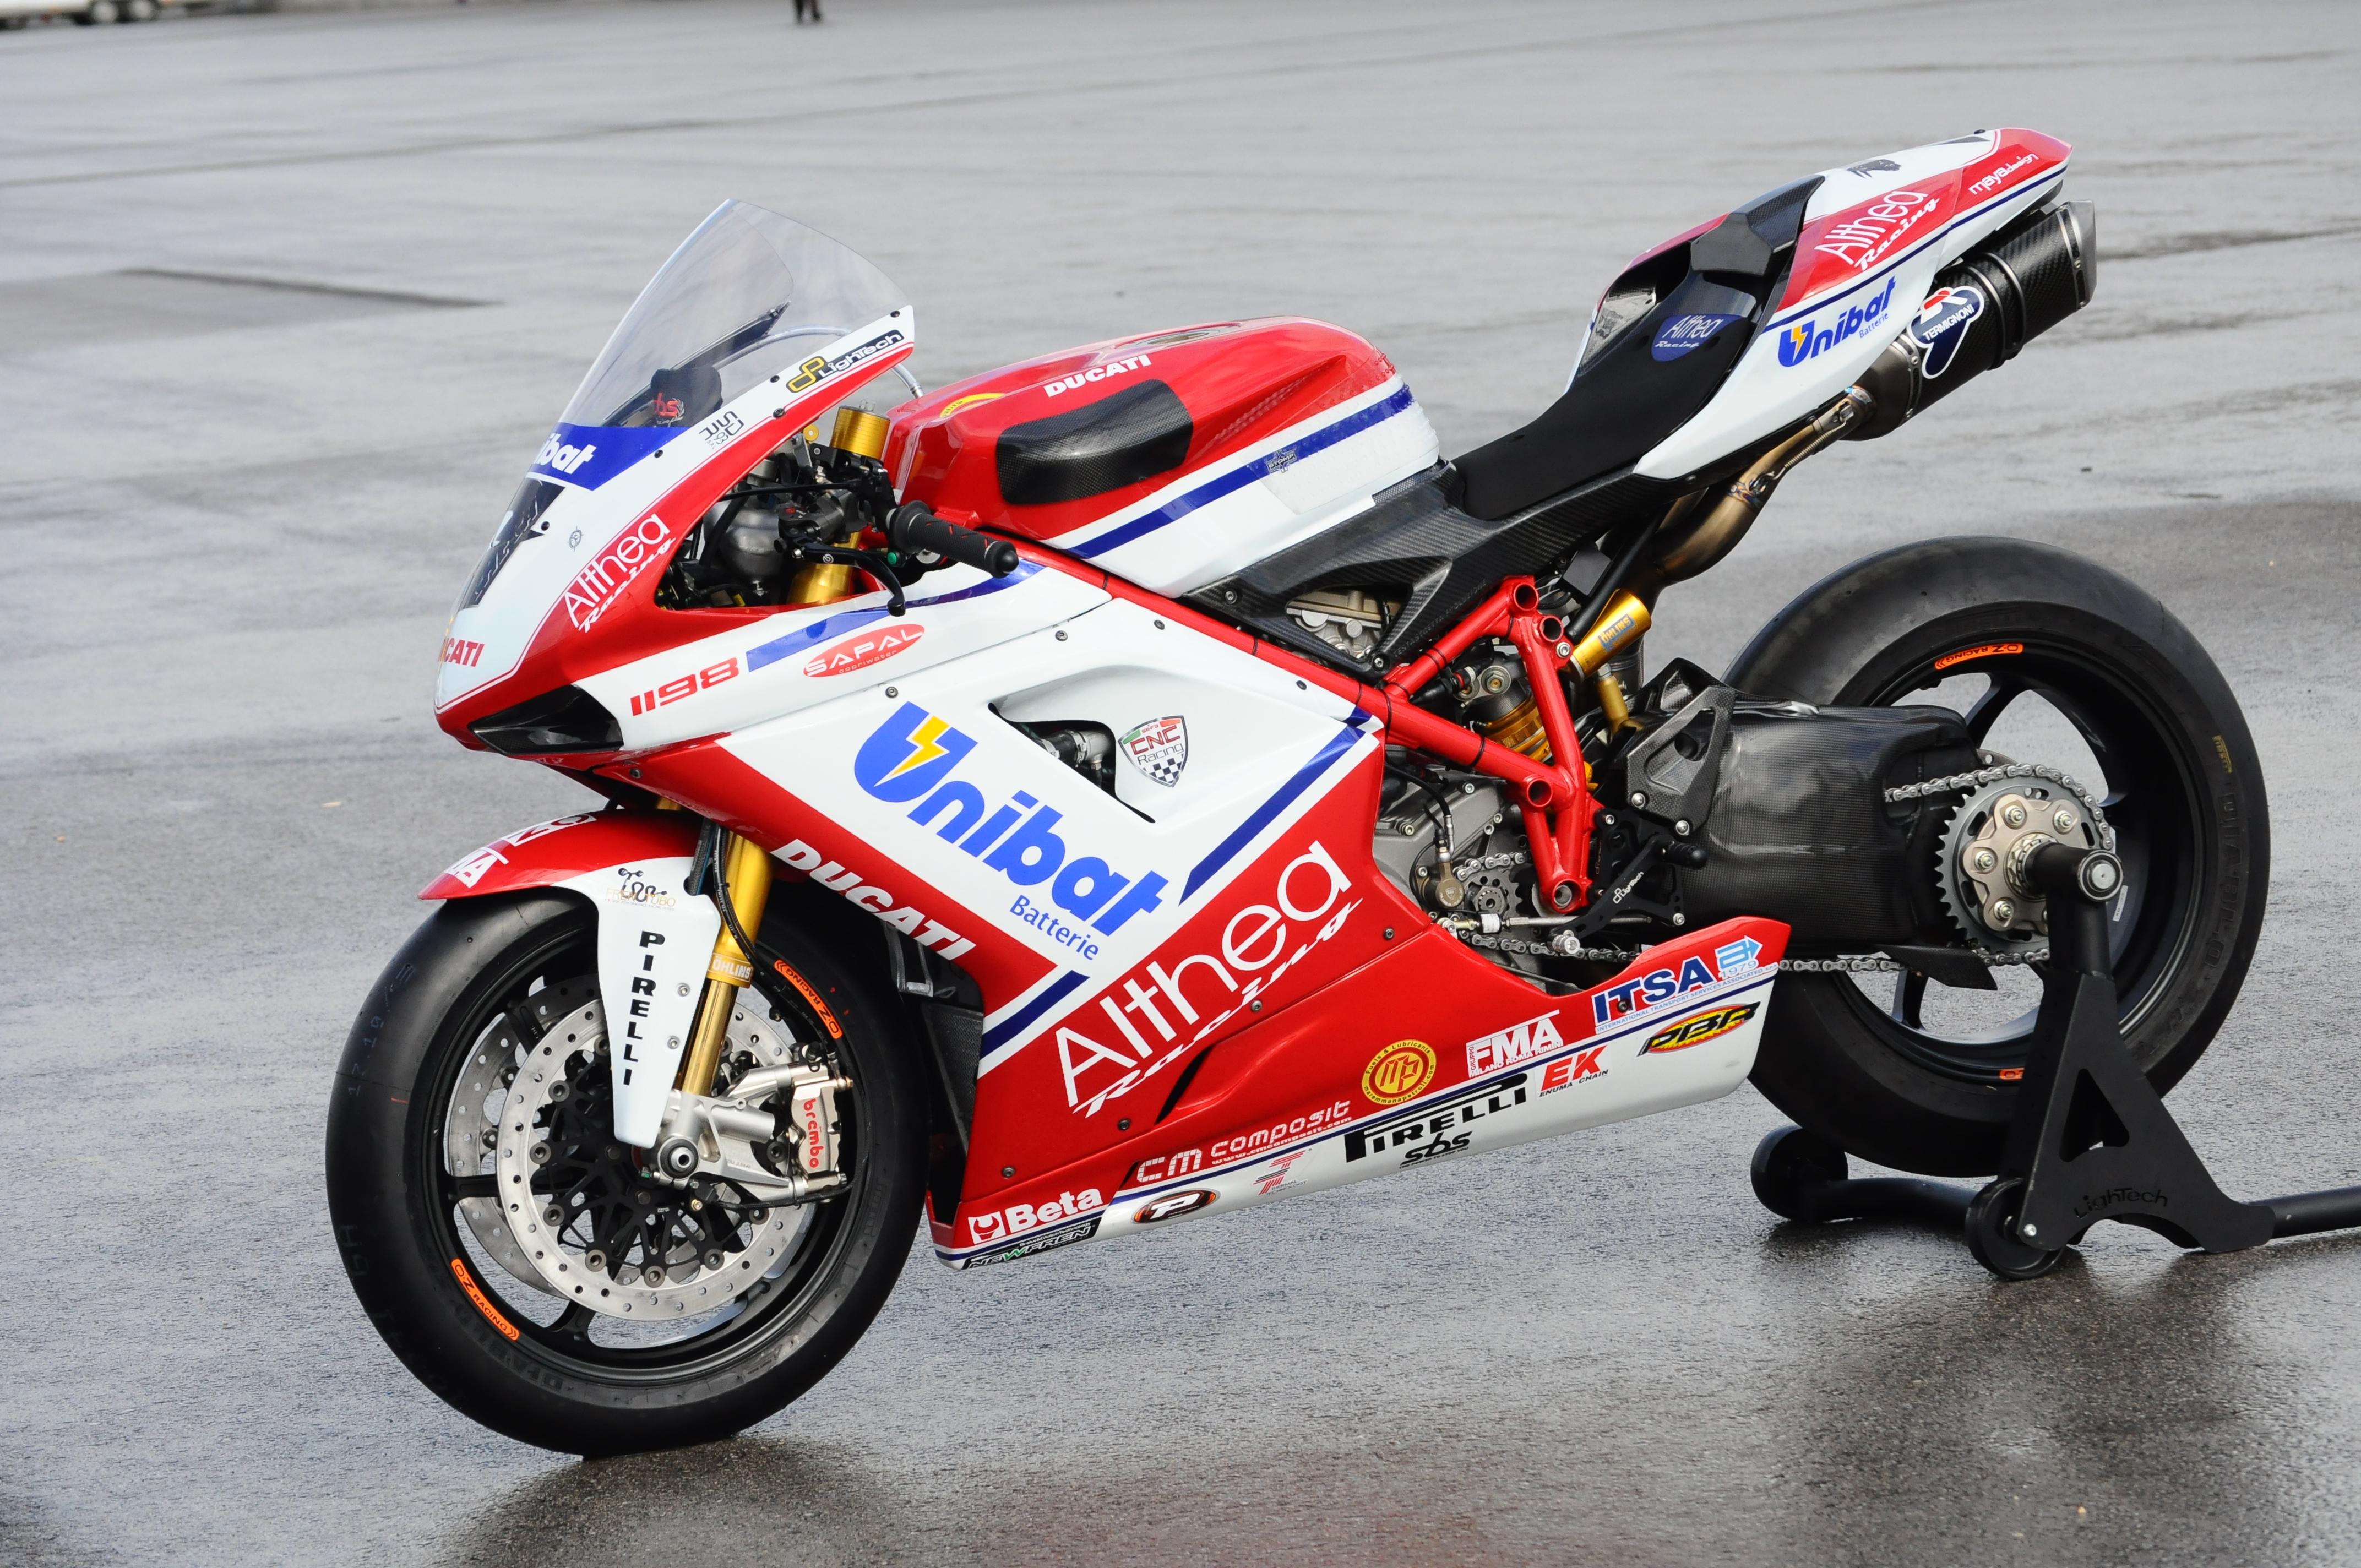 Ducati   Review